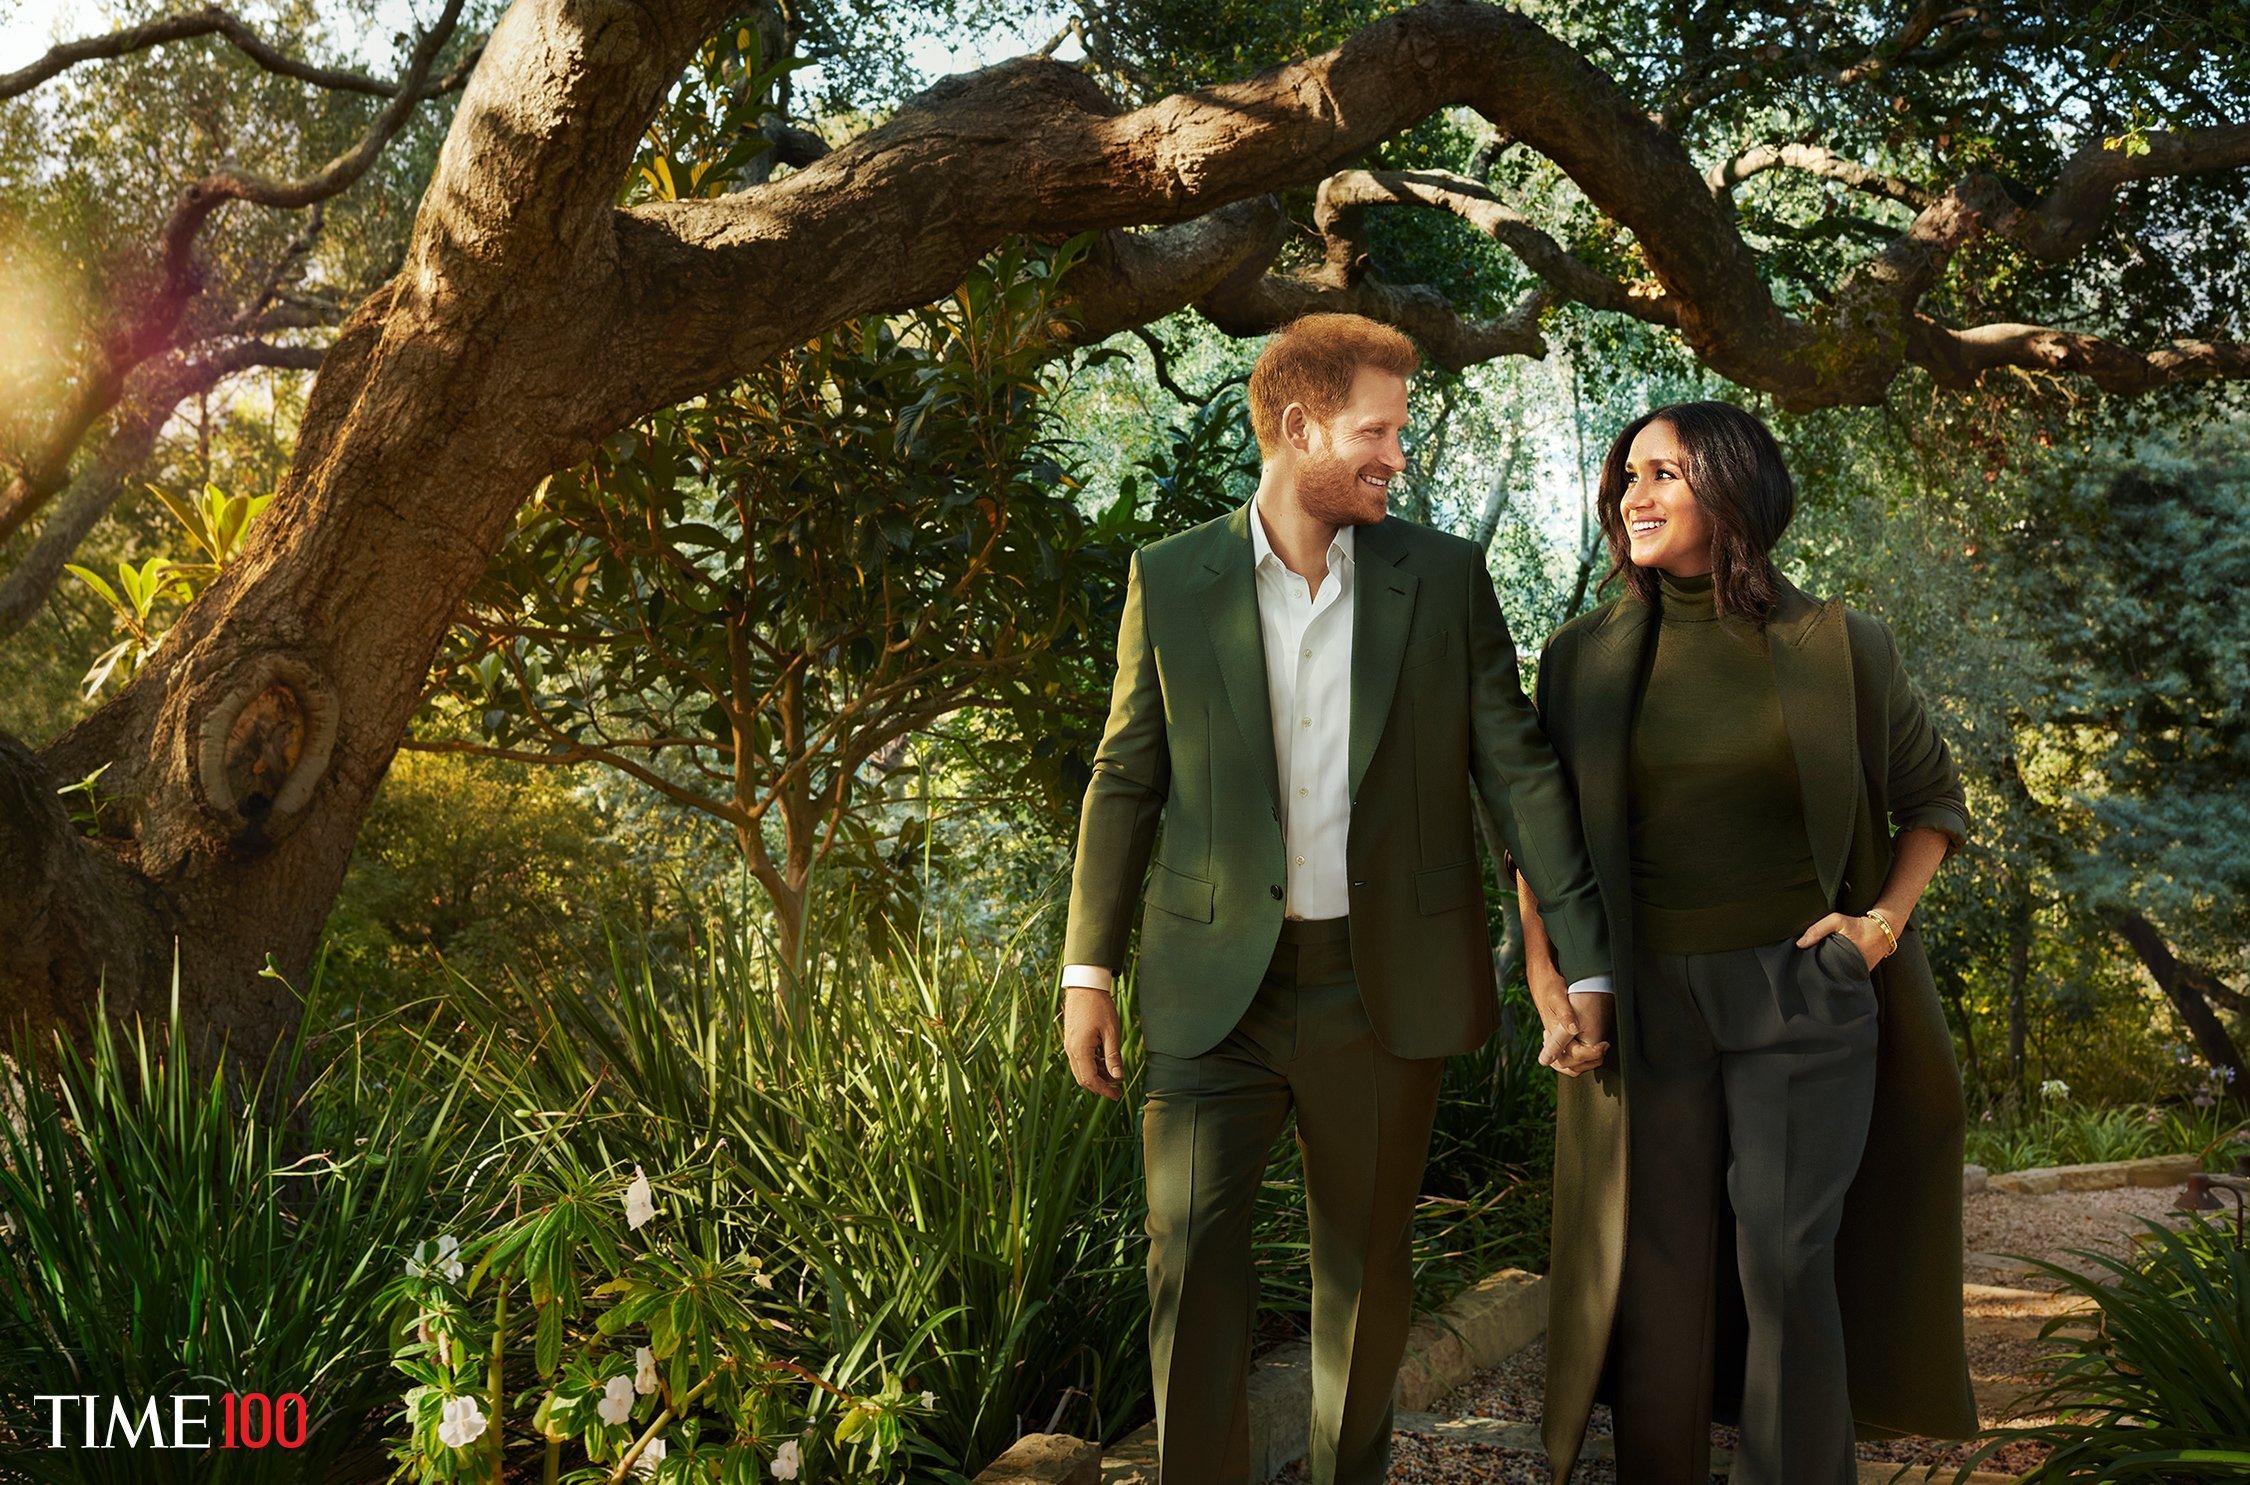 Принц Гарри и Меган Маркл попали в ТОП-100 самых влиятельных людей мира от журнала Time